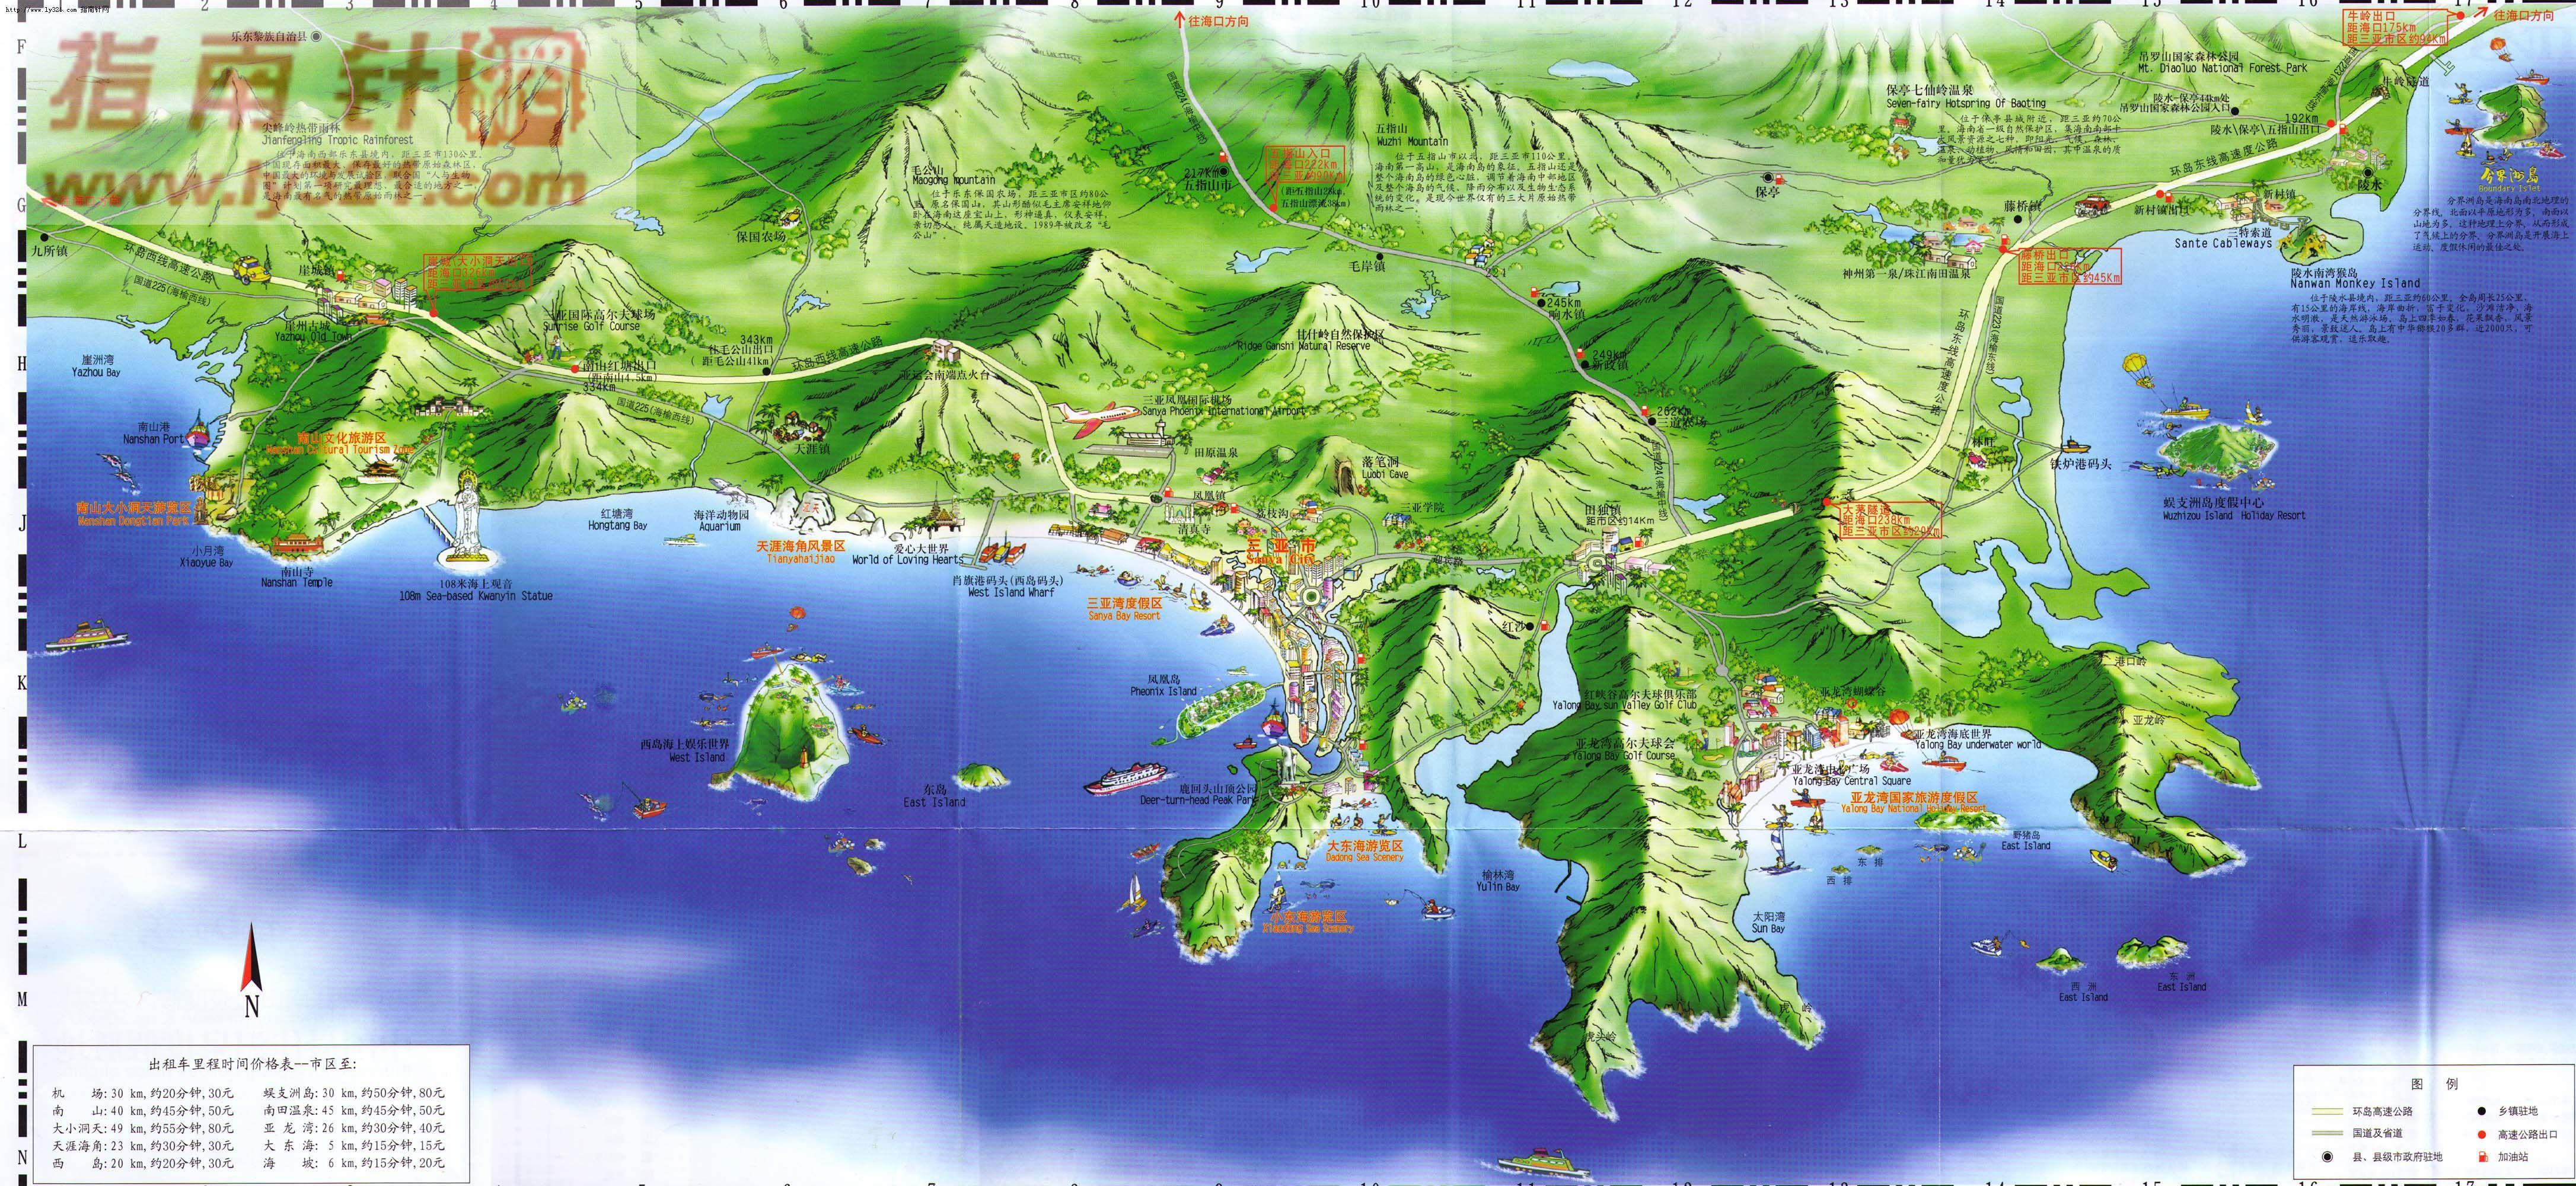 三亚地区旅游地图_三亚市地图查询